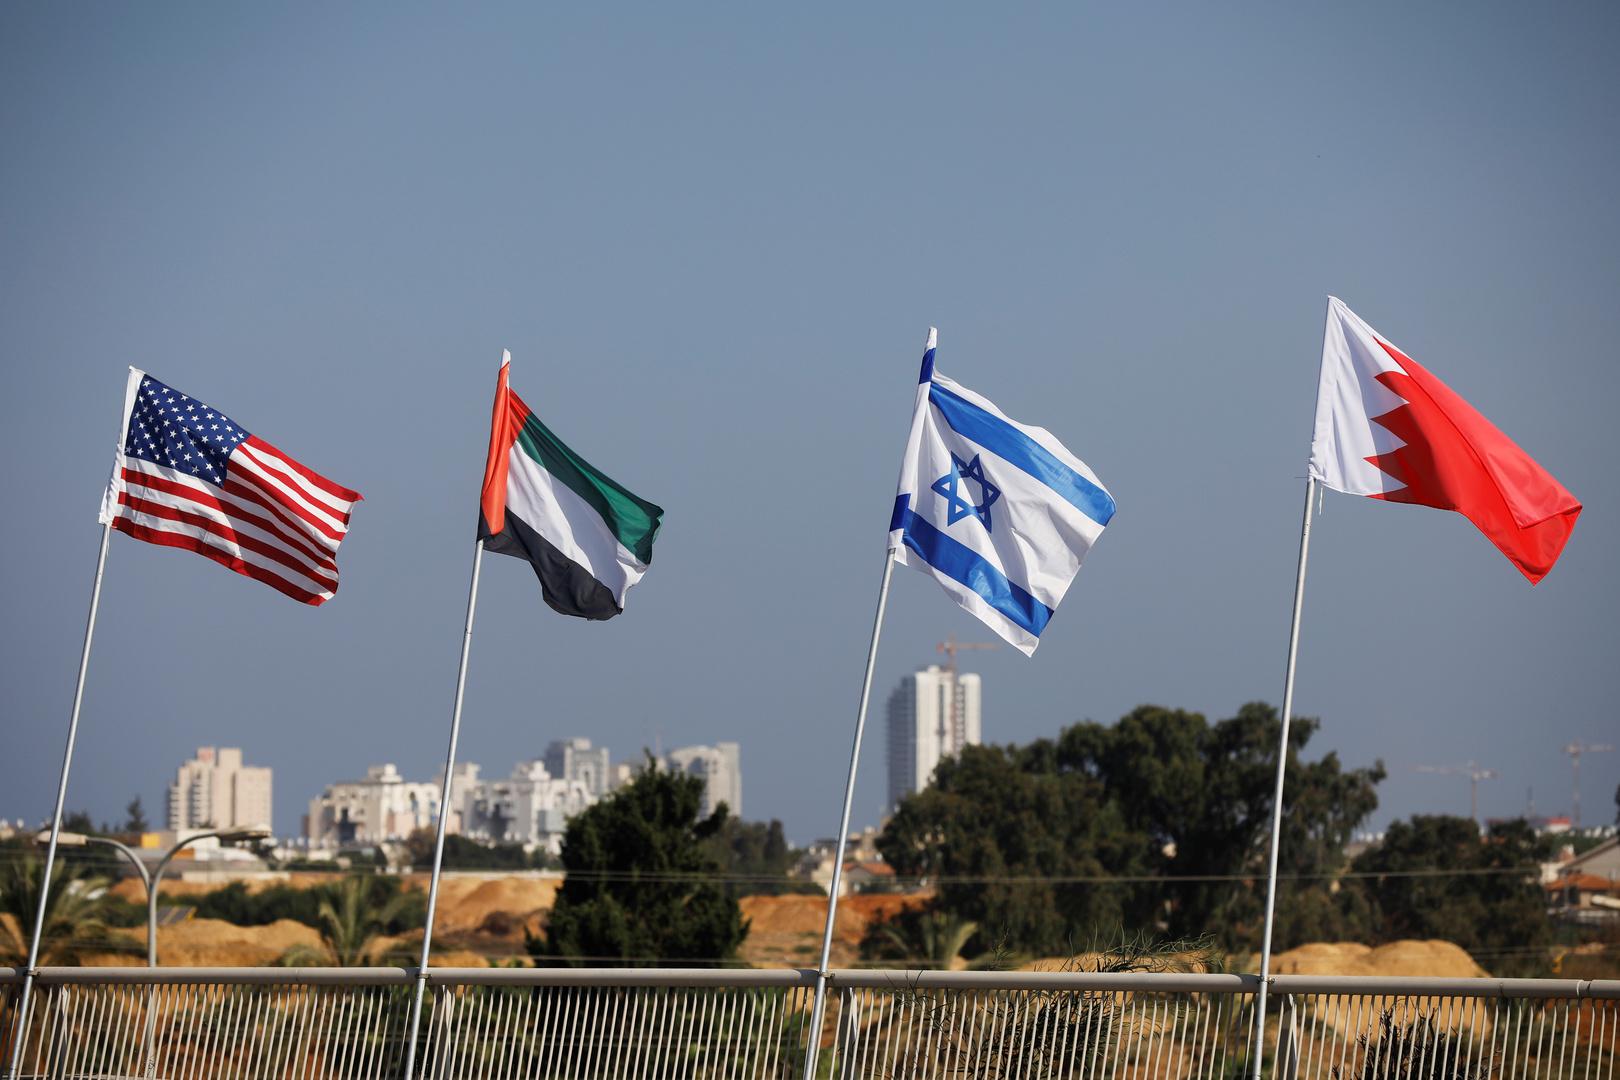 تقارير إعلامية: 3 دول عربية وباكستان قد تكون التالية في اتفاق مع إسرائيل